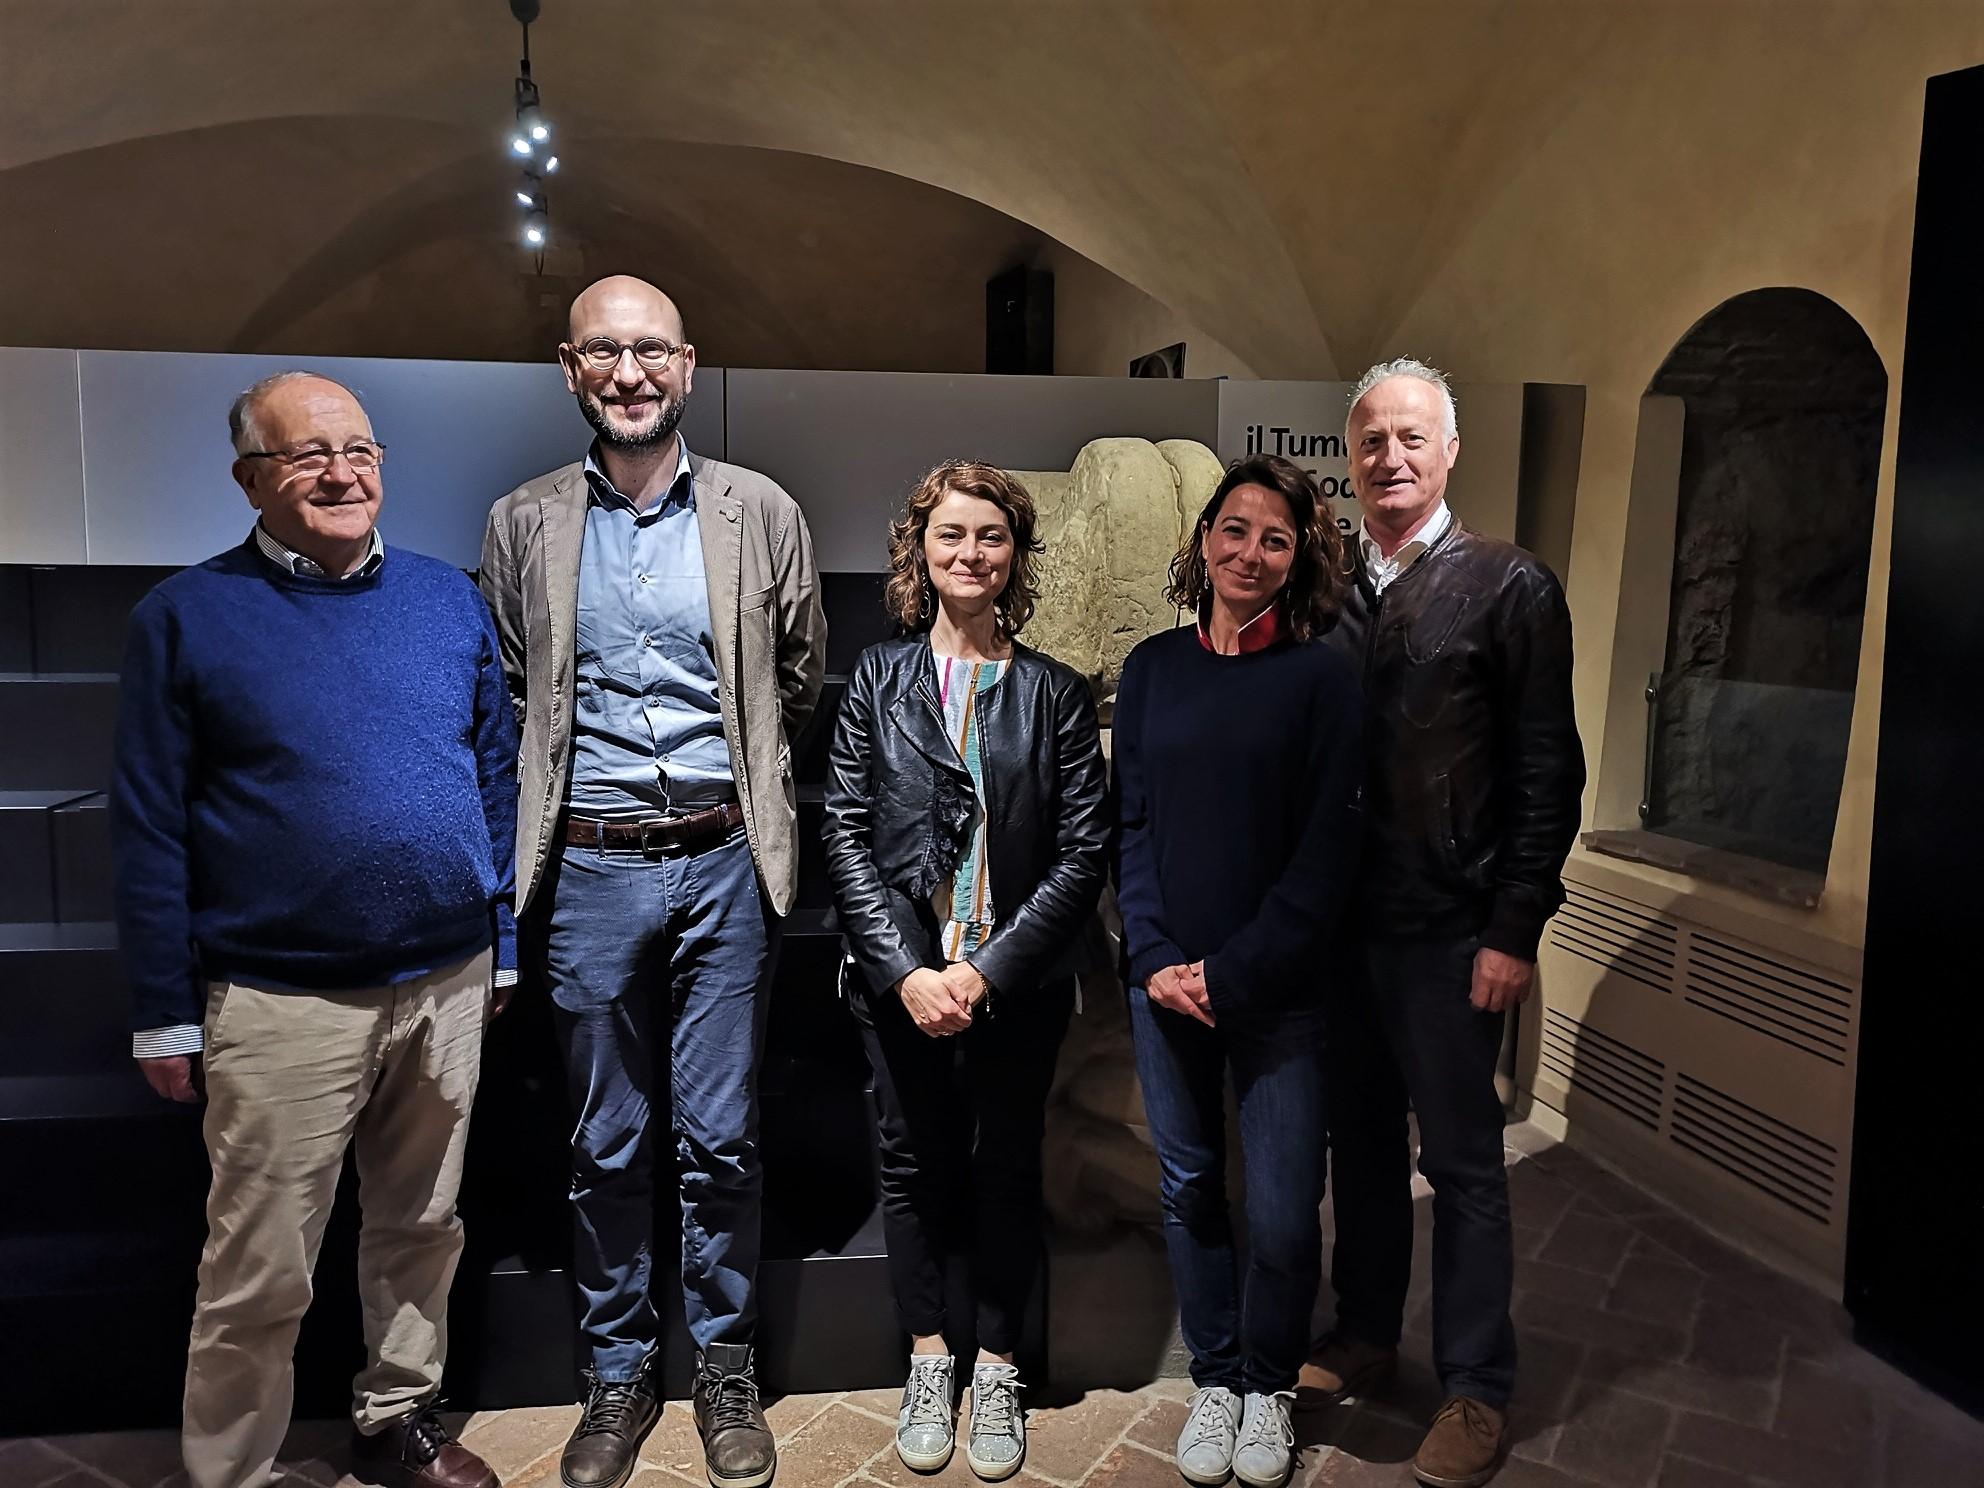 Firmato l'accordo fra la Soprintendenza Archeologia Belle Arti e Paesaggio per le province di Siena Grosseto e Arezzo, il Polo Museale della Toscana e il Comune di Cortona per la gestione e la valorizzazione del Parco Archeologico del Sodo